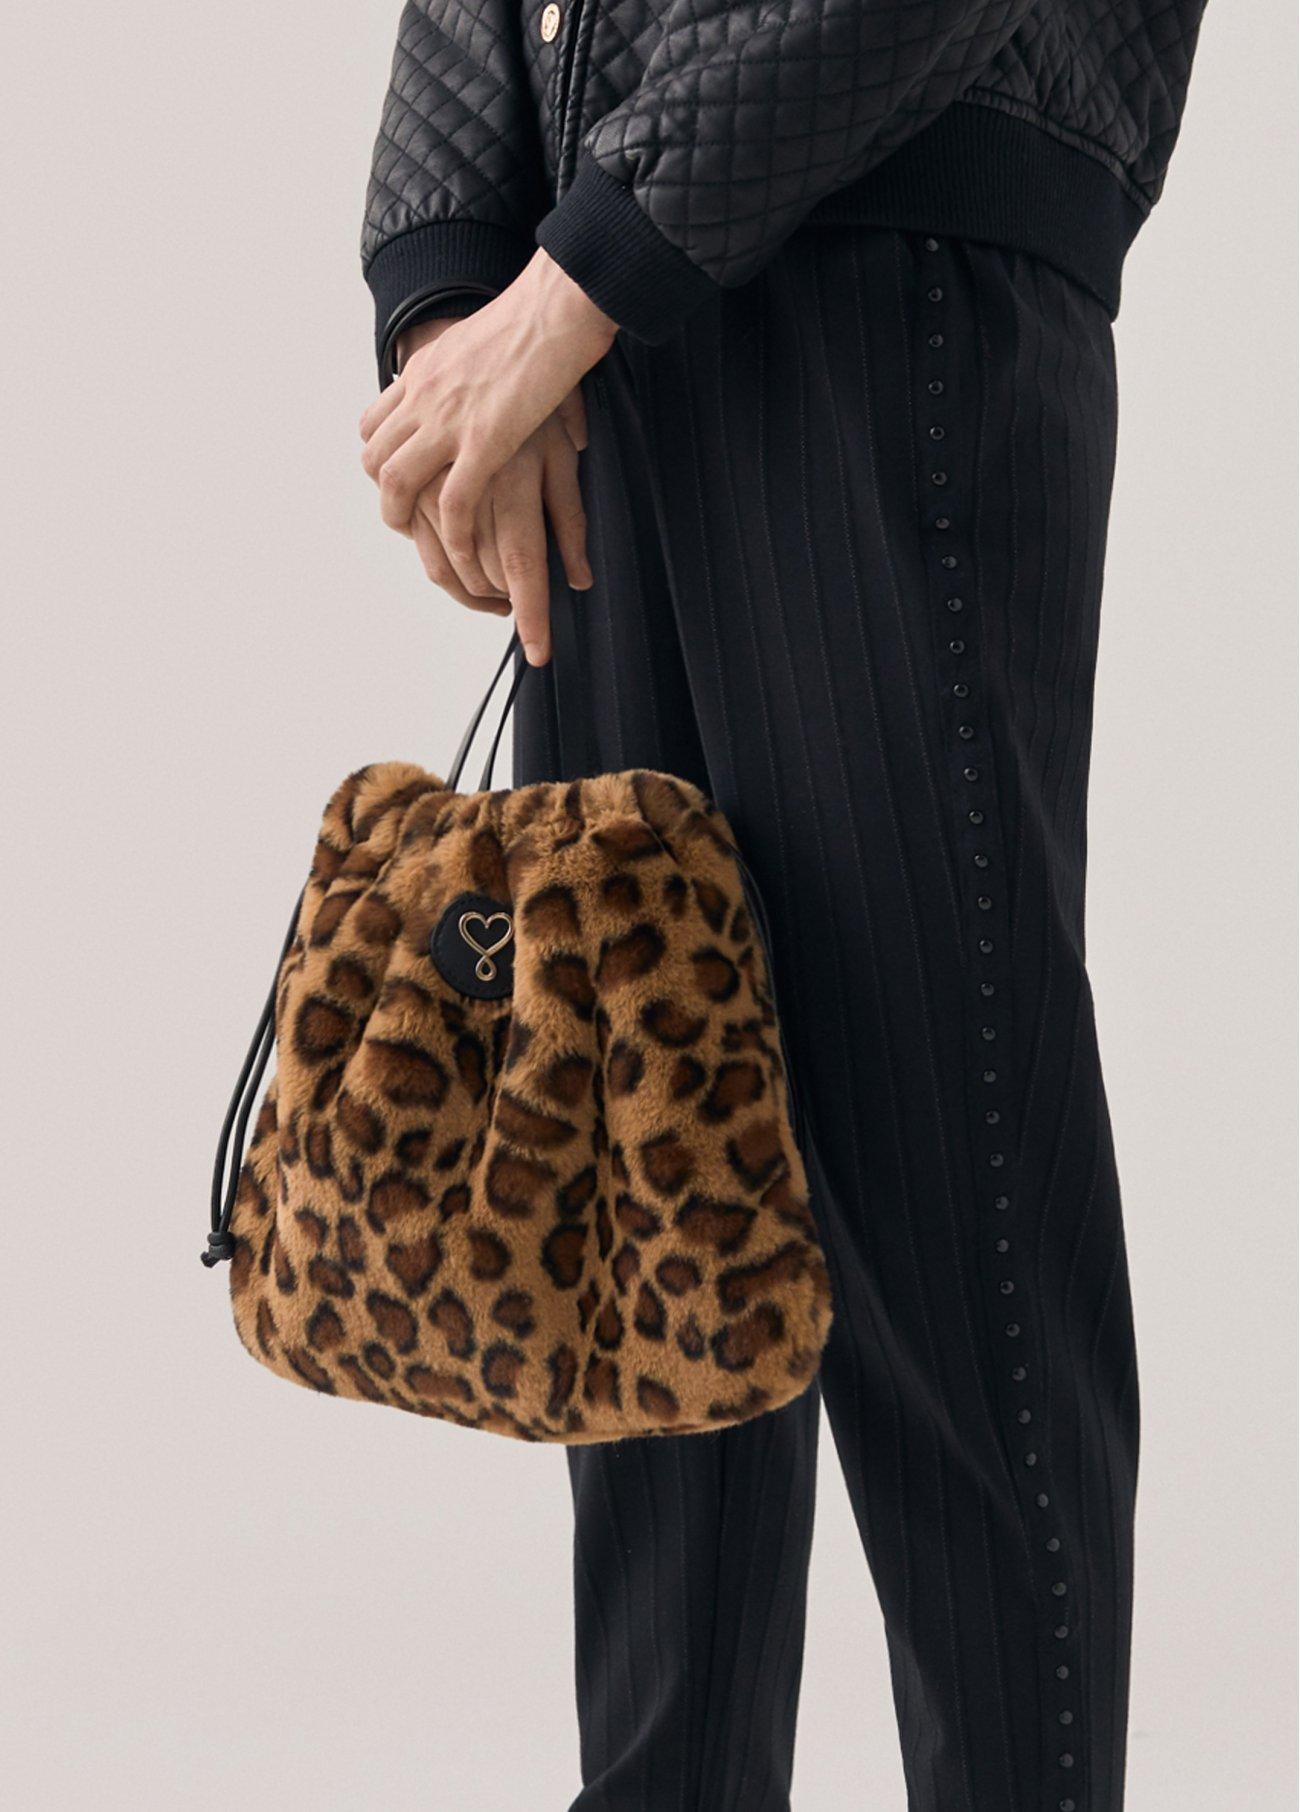 Bolso mini fake fur leopardo, estampado 2